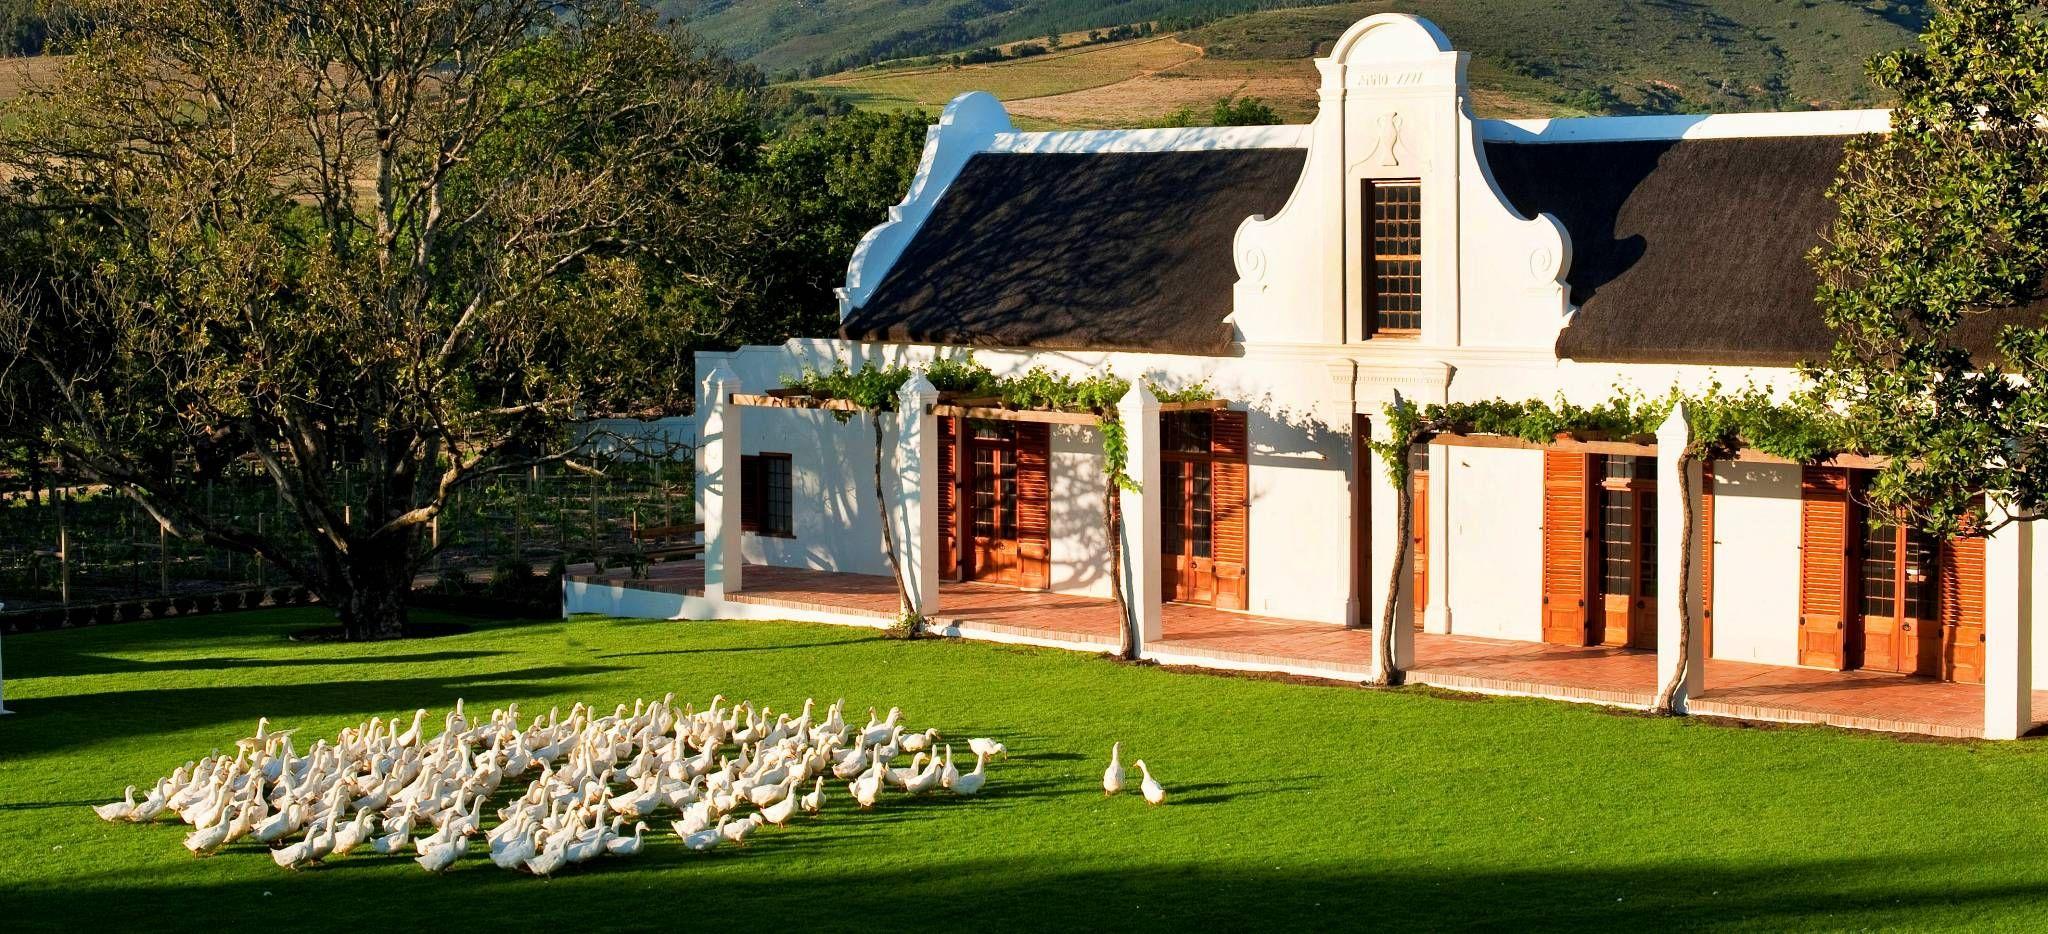 Gänse vor einer typischen Farm in Südafrika